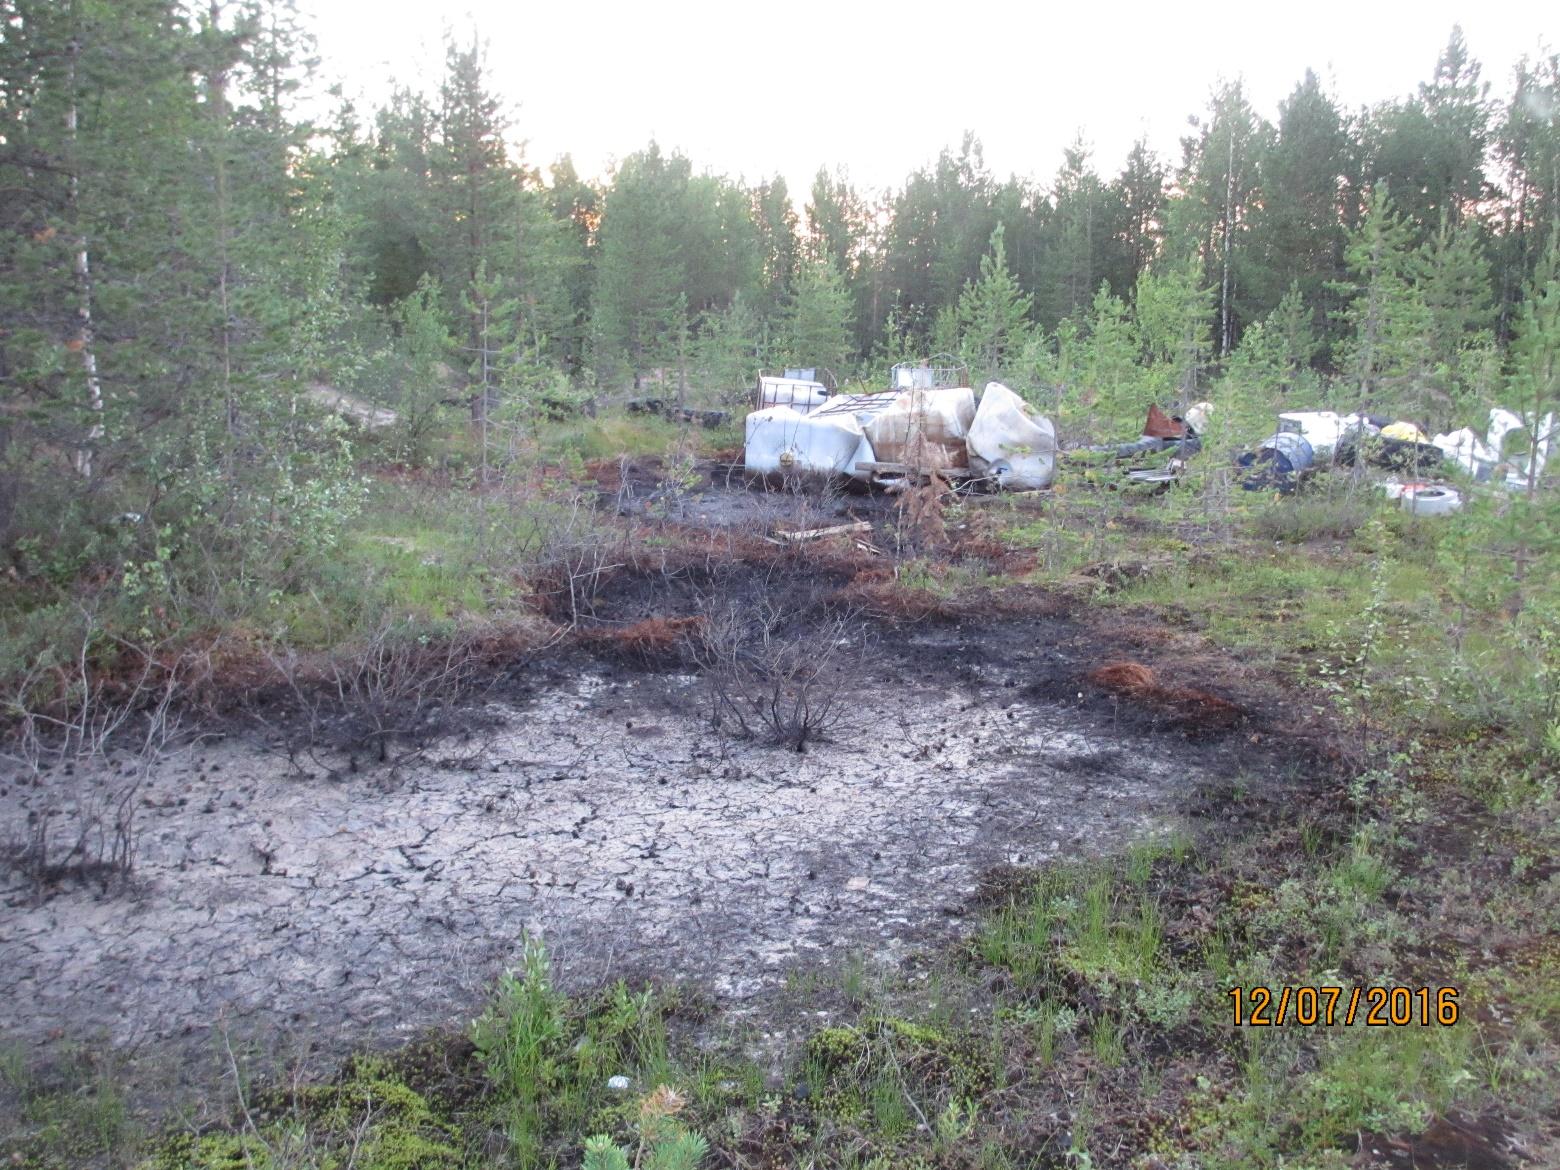 Специалисты Минприроды Коми обнаружили на второй несанкционированной свалке возле села Колва изливы химреагентов и нефтепродуктов